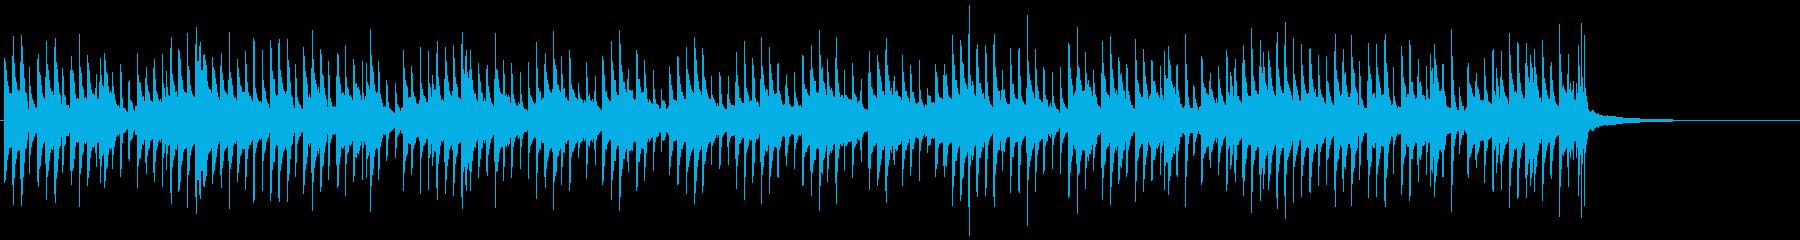 ミニピアノの可愛いジングルベルの再生済みの波形